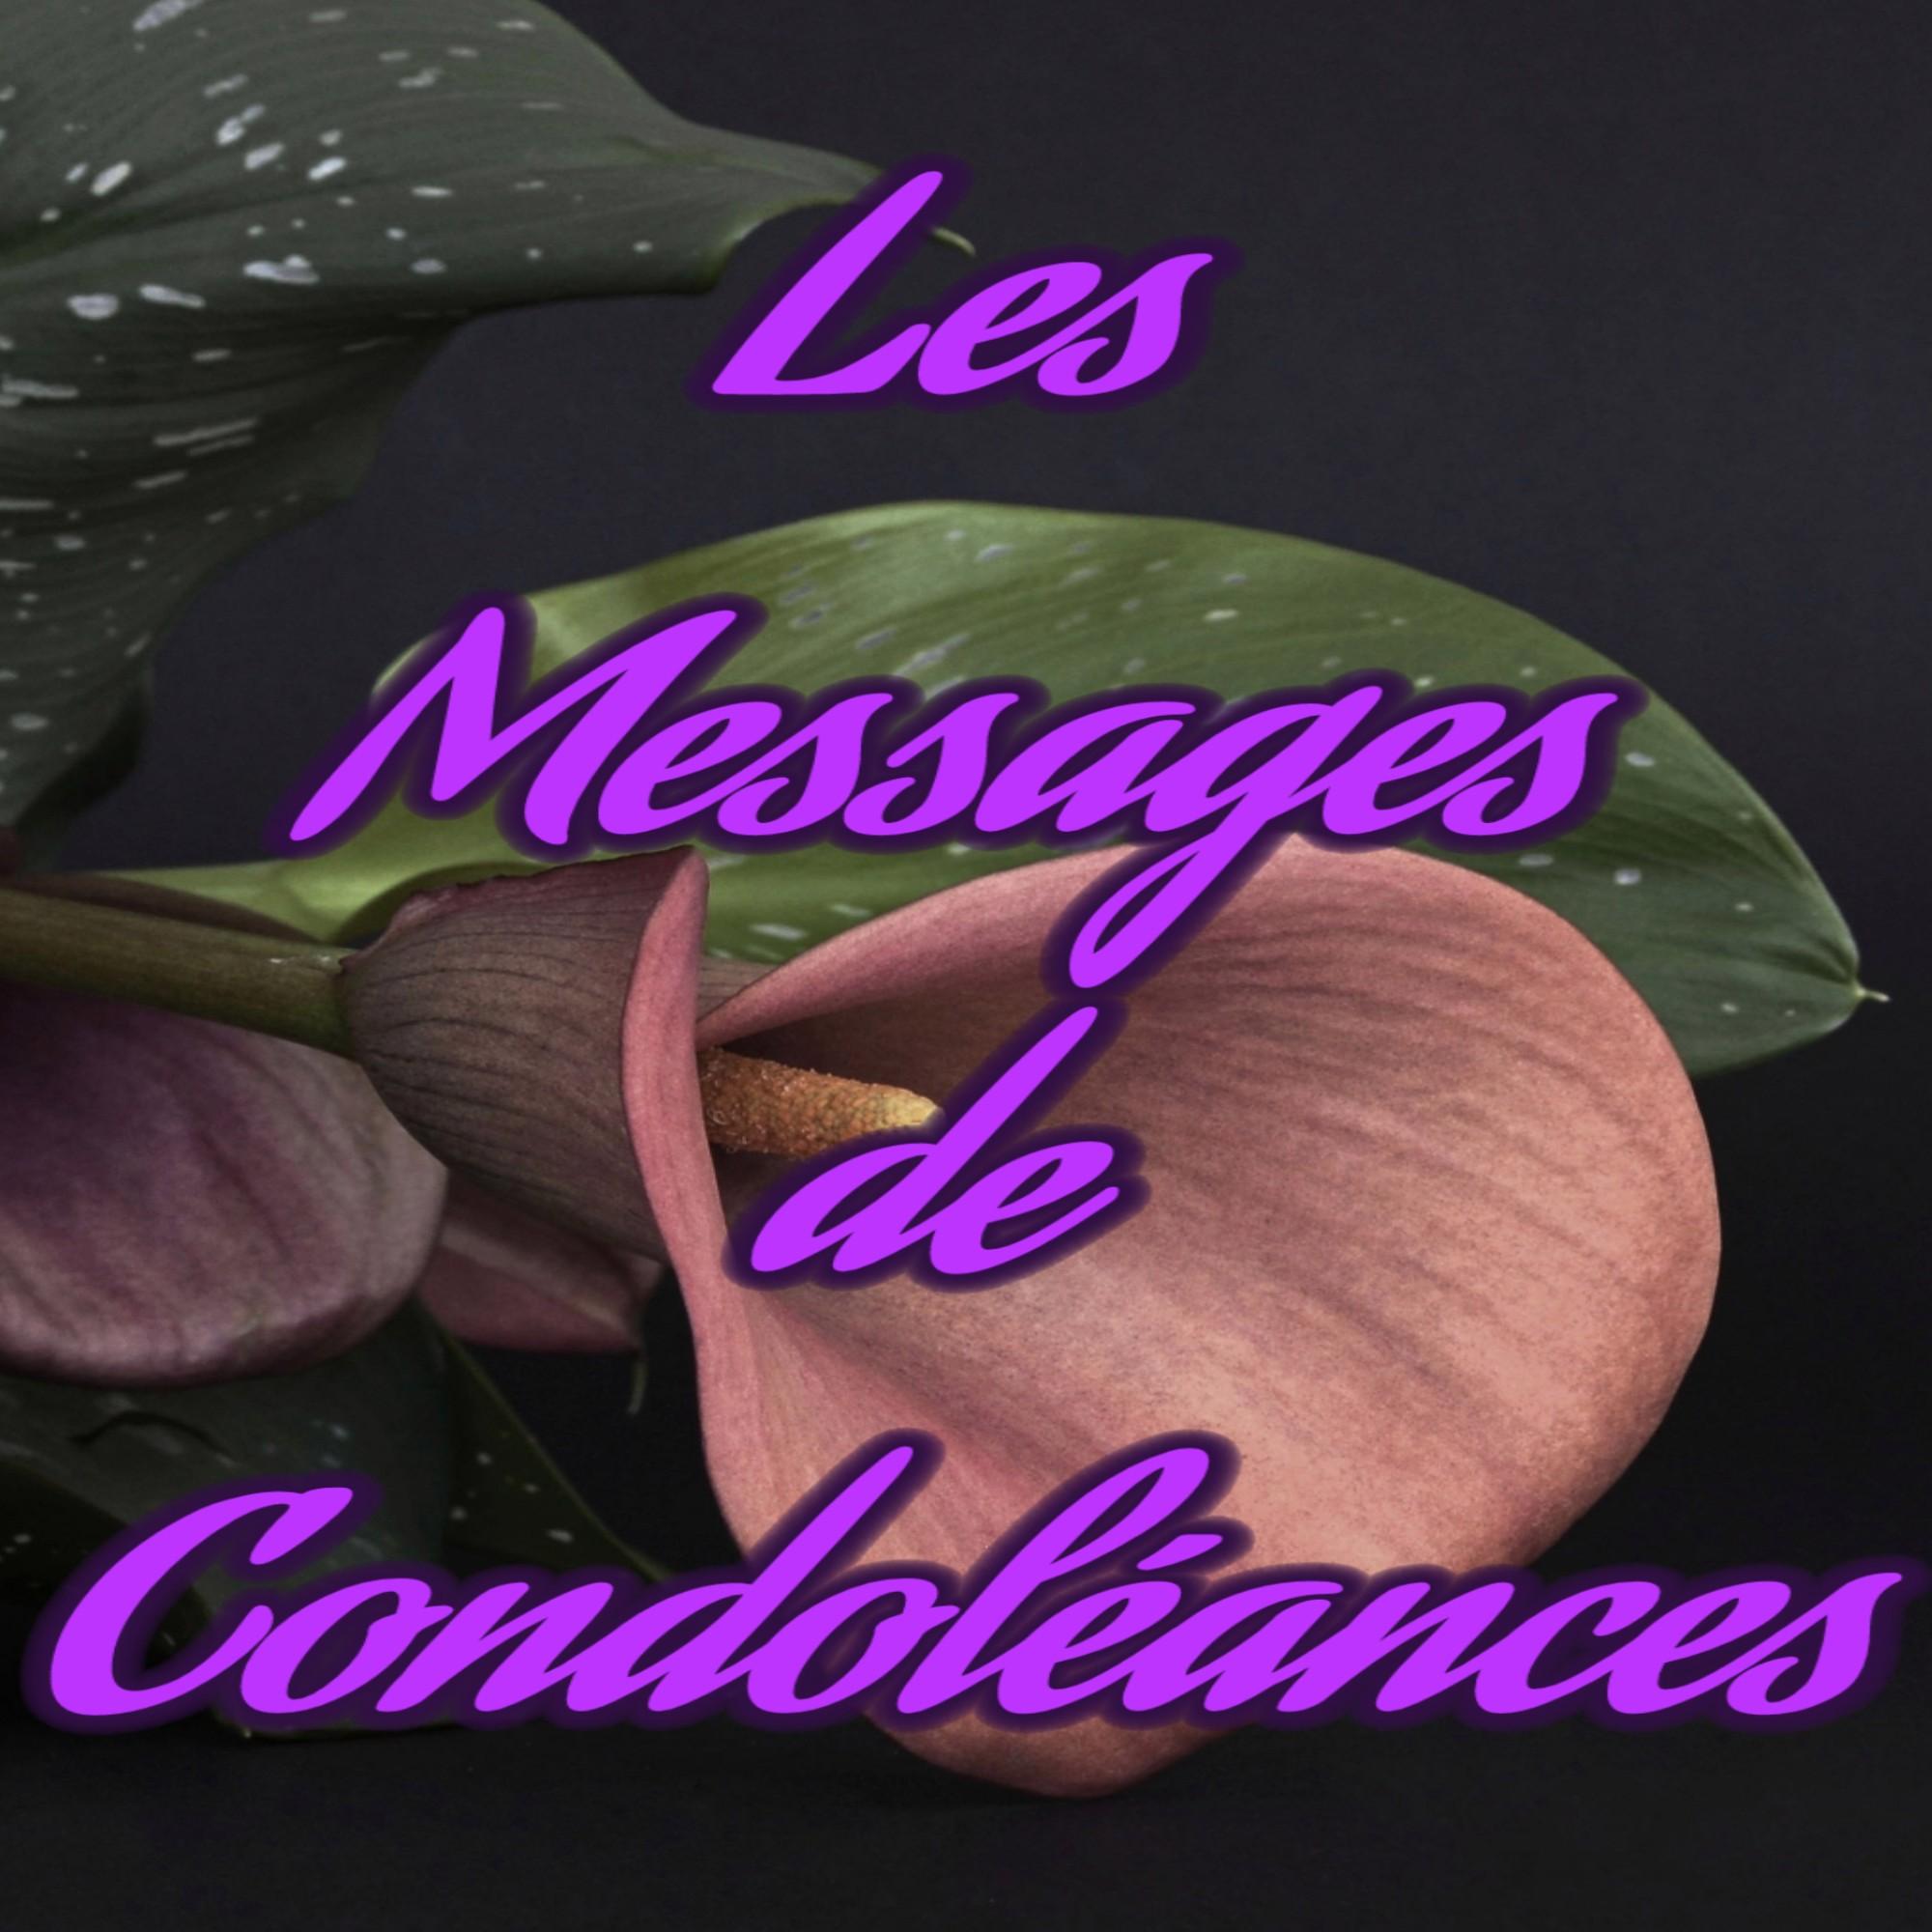 LES IDÉES DE MESSAGE DE CONDOLÉANCES